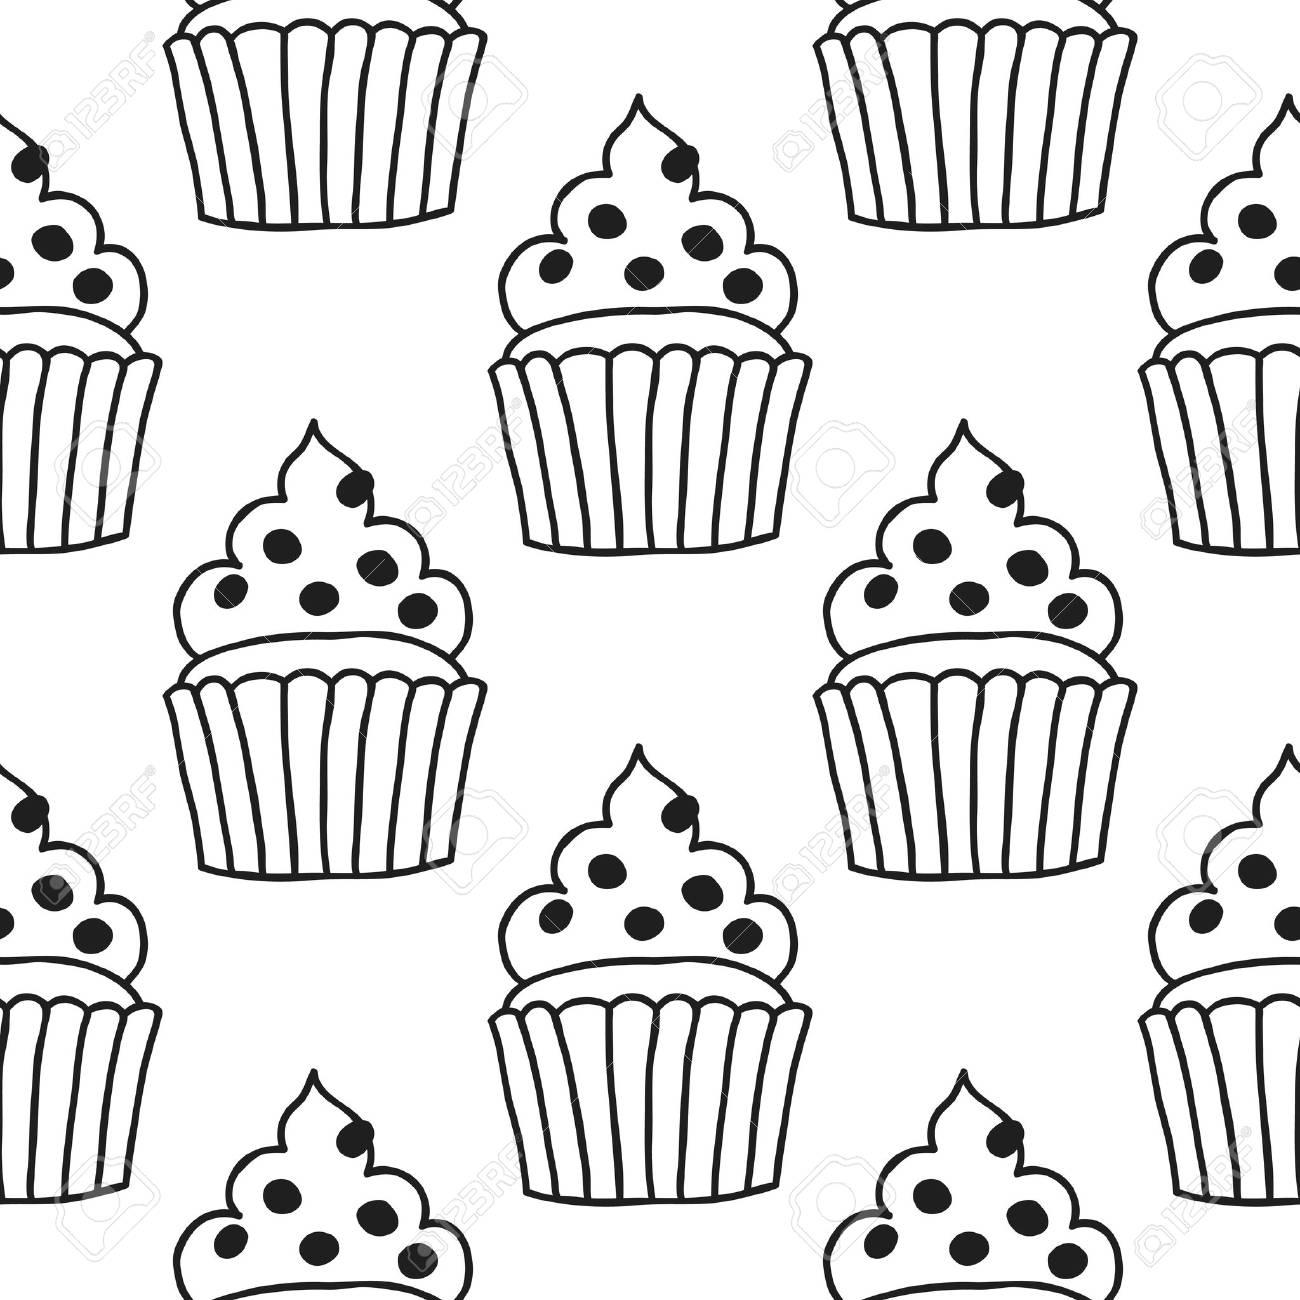 Seamless Noir Et Blanc Avec Des Gâteaux Pour Des Livres De Coloriage Illustration De Desserts Et De Pâtisseries